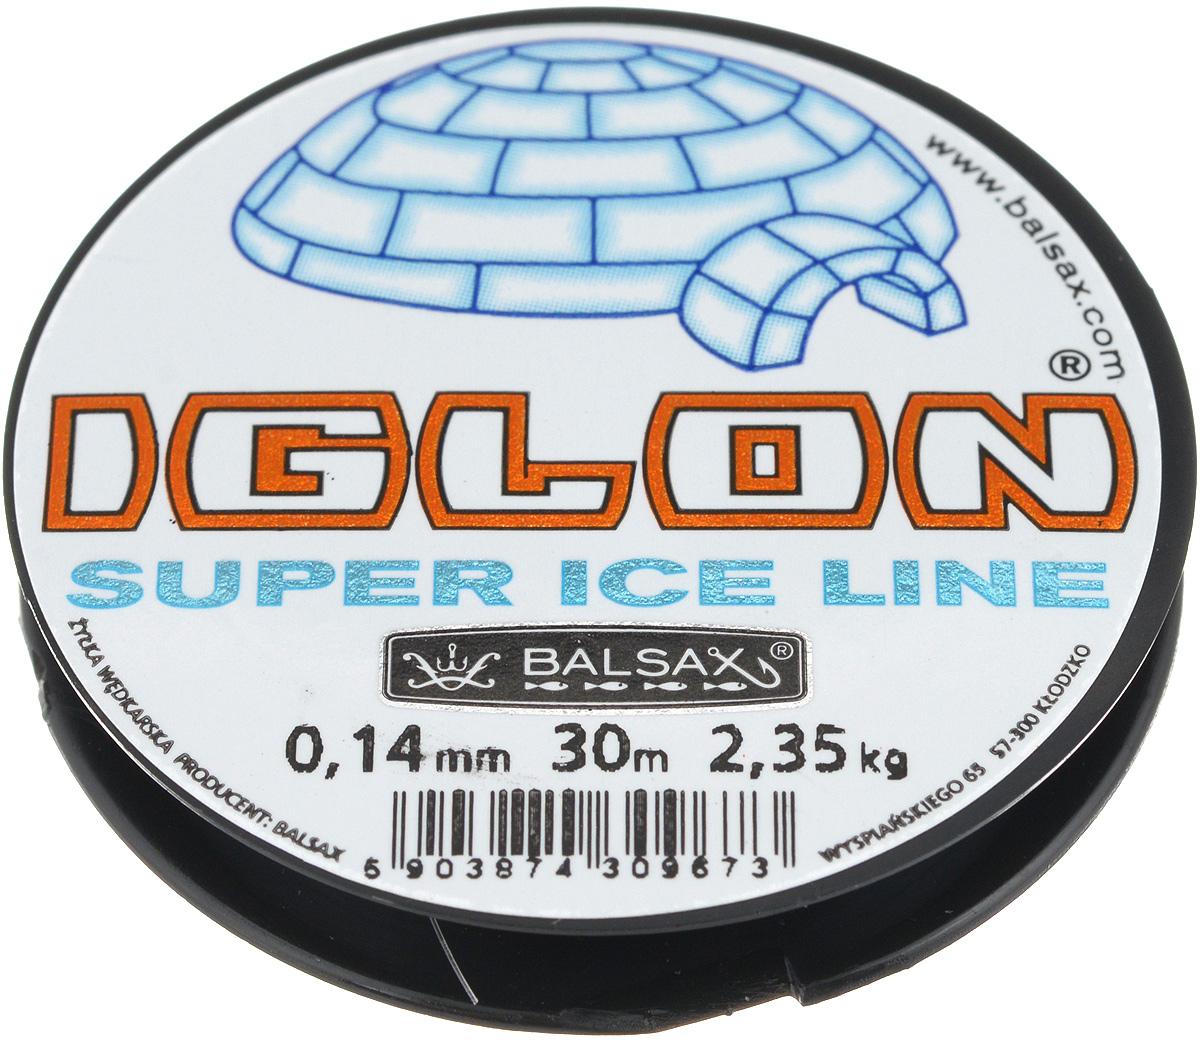 Леска зимняя Balsax Iglon, 30 м, 0,14 мм, 2,35 кг312-06014Леска Balsax Iglon изготовлена из 100% нейлона и очень хорошо выдерживает низкие температуры. Даже в самом холодном климате, при температуре вплоть до -40°C, она сохраняет свои свойства практически без изменений, в то время как традиционные лески становятся менее эластичными и теряют прочность. Поверхность лески обработана таким образом, что она не обмерзает и отлично подходит для подледного лова. Прочна в местах вязки узлов даже при минимальном диаметре.